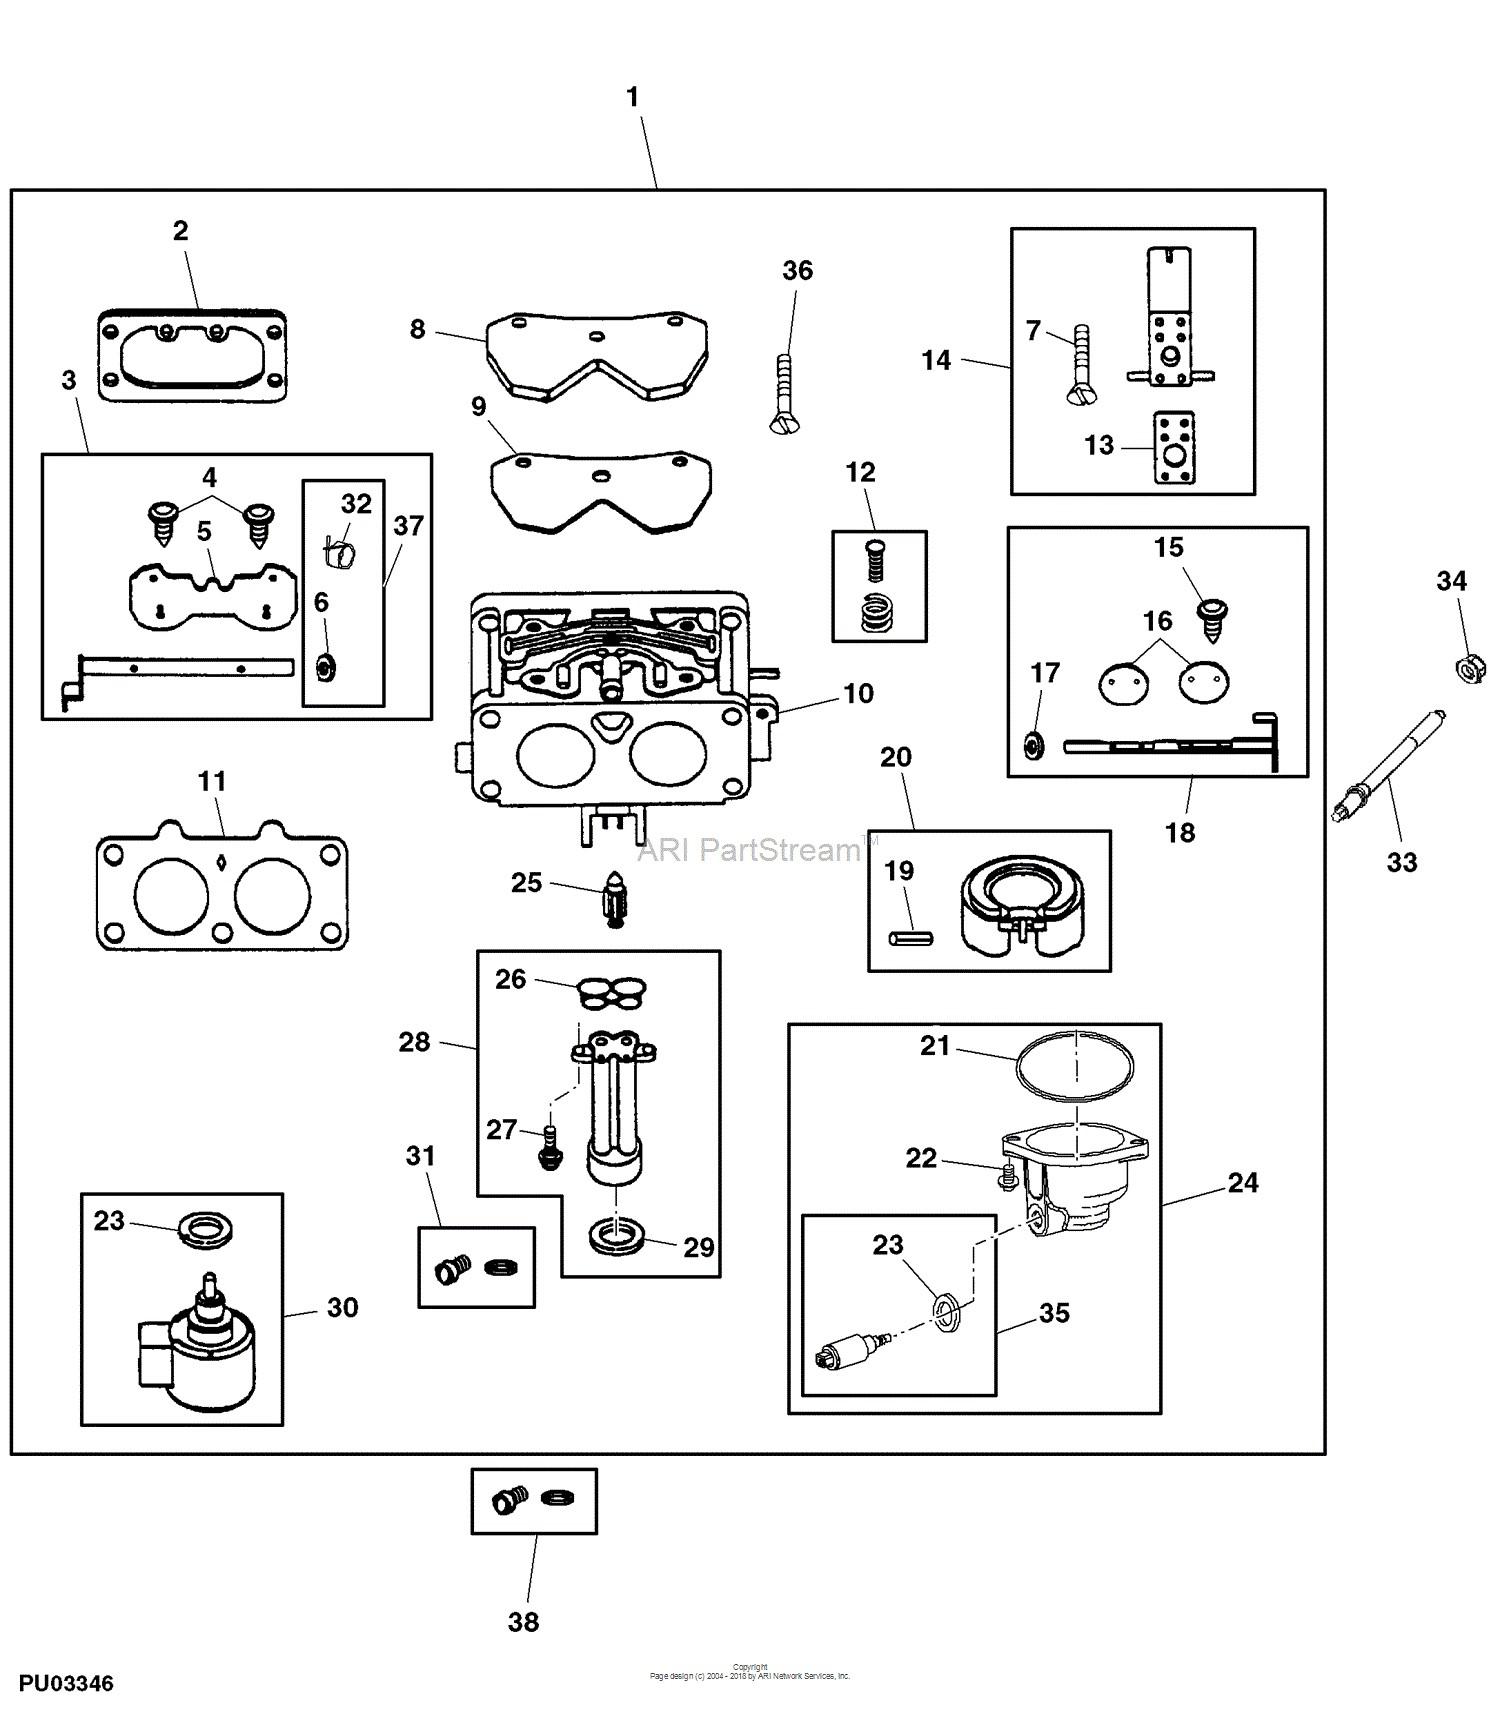 Case Ih Parts Diagram